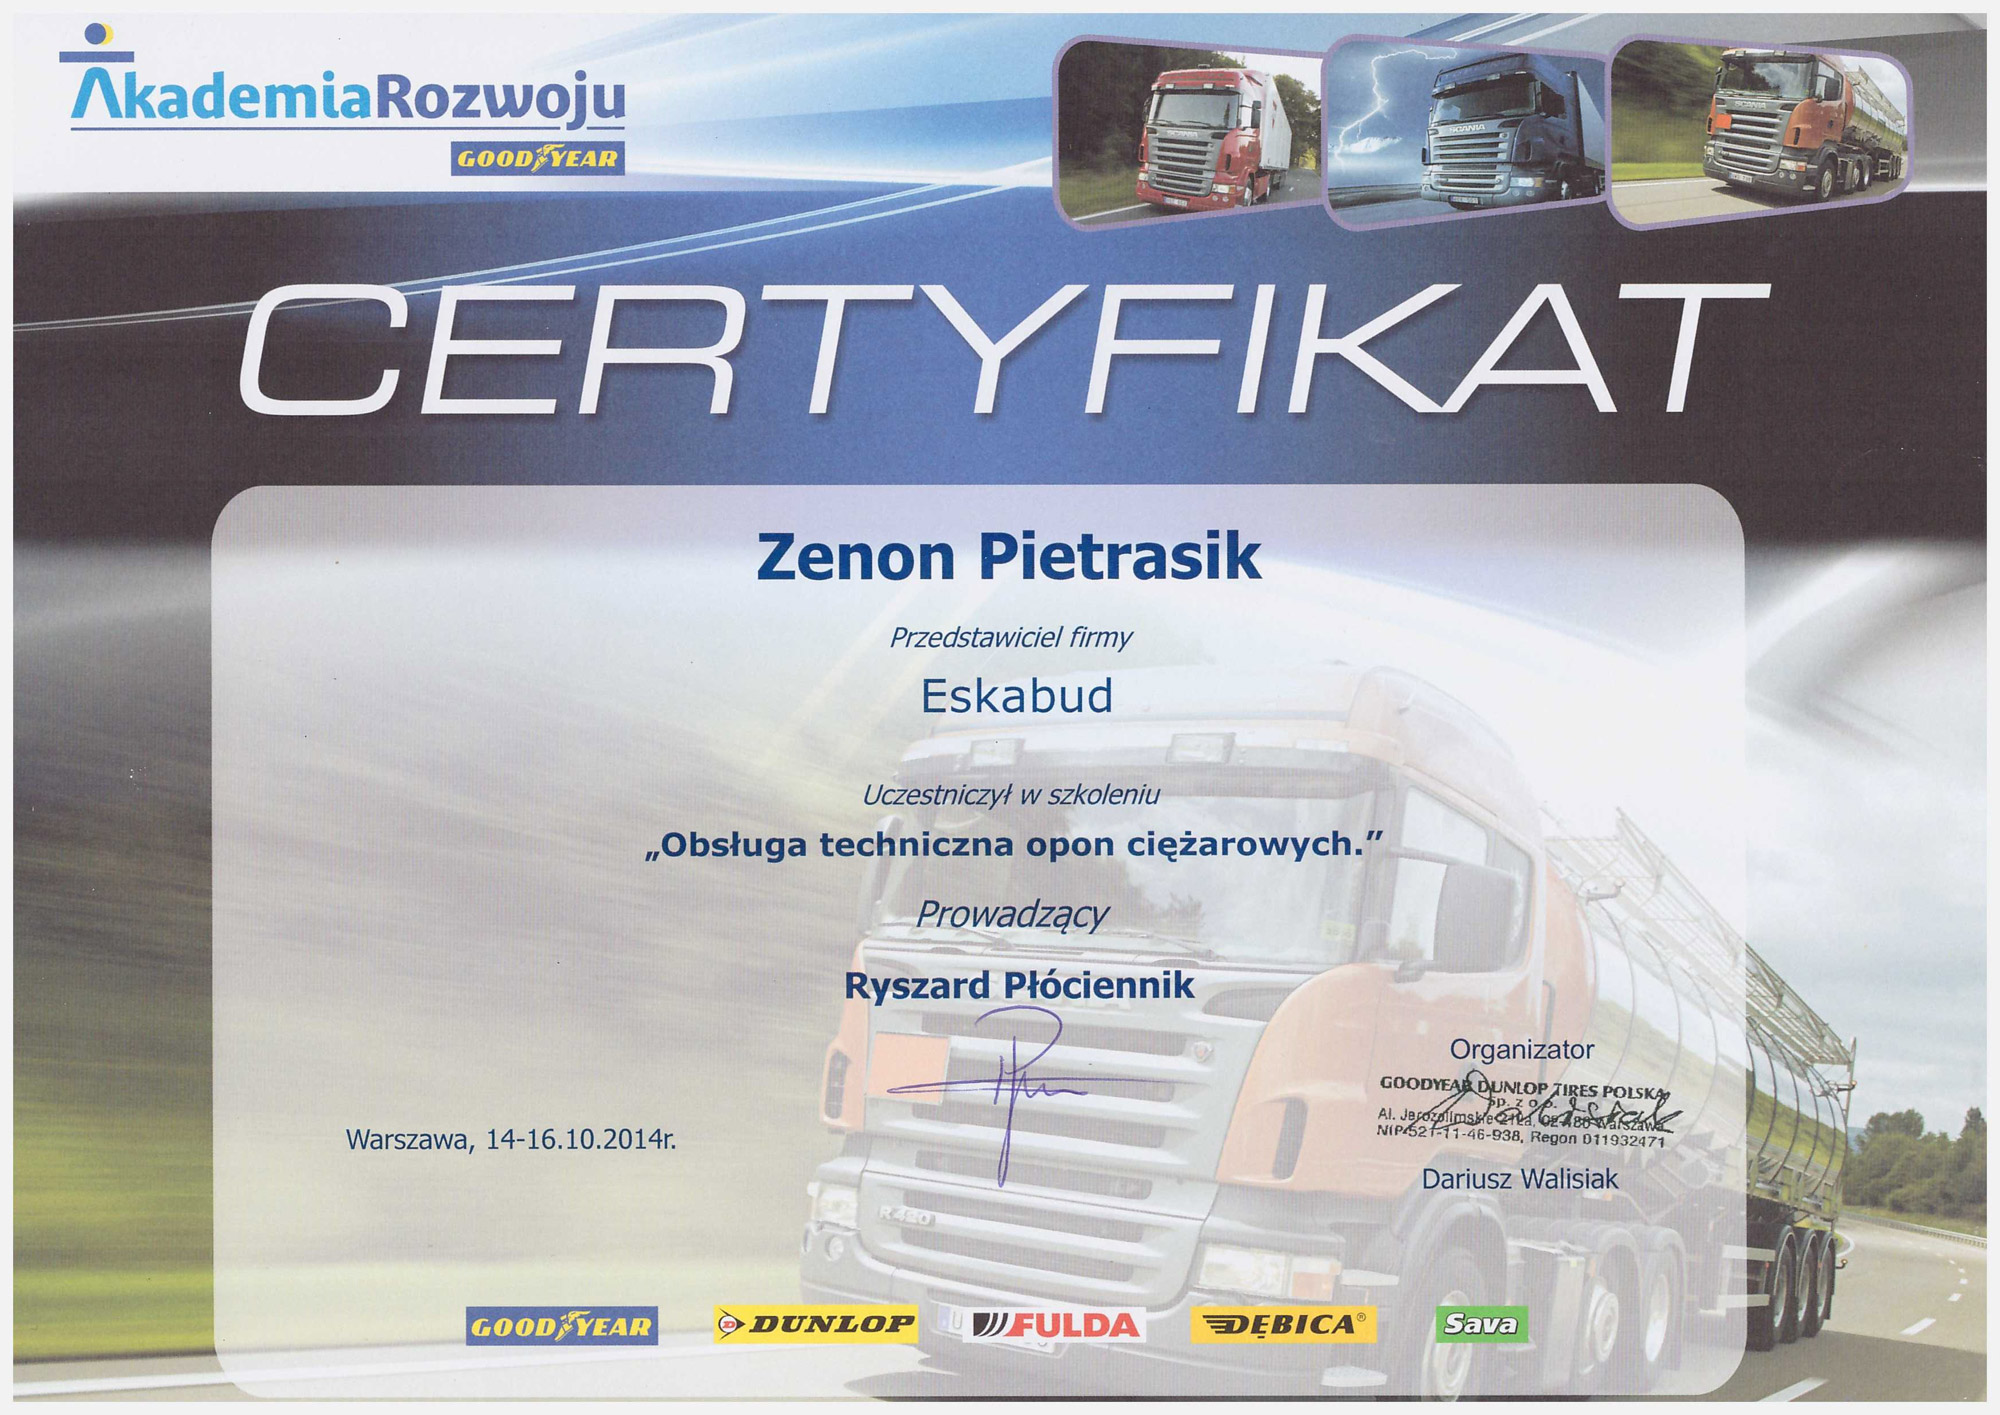 Certyfikowany serwis opon ciężarowych.